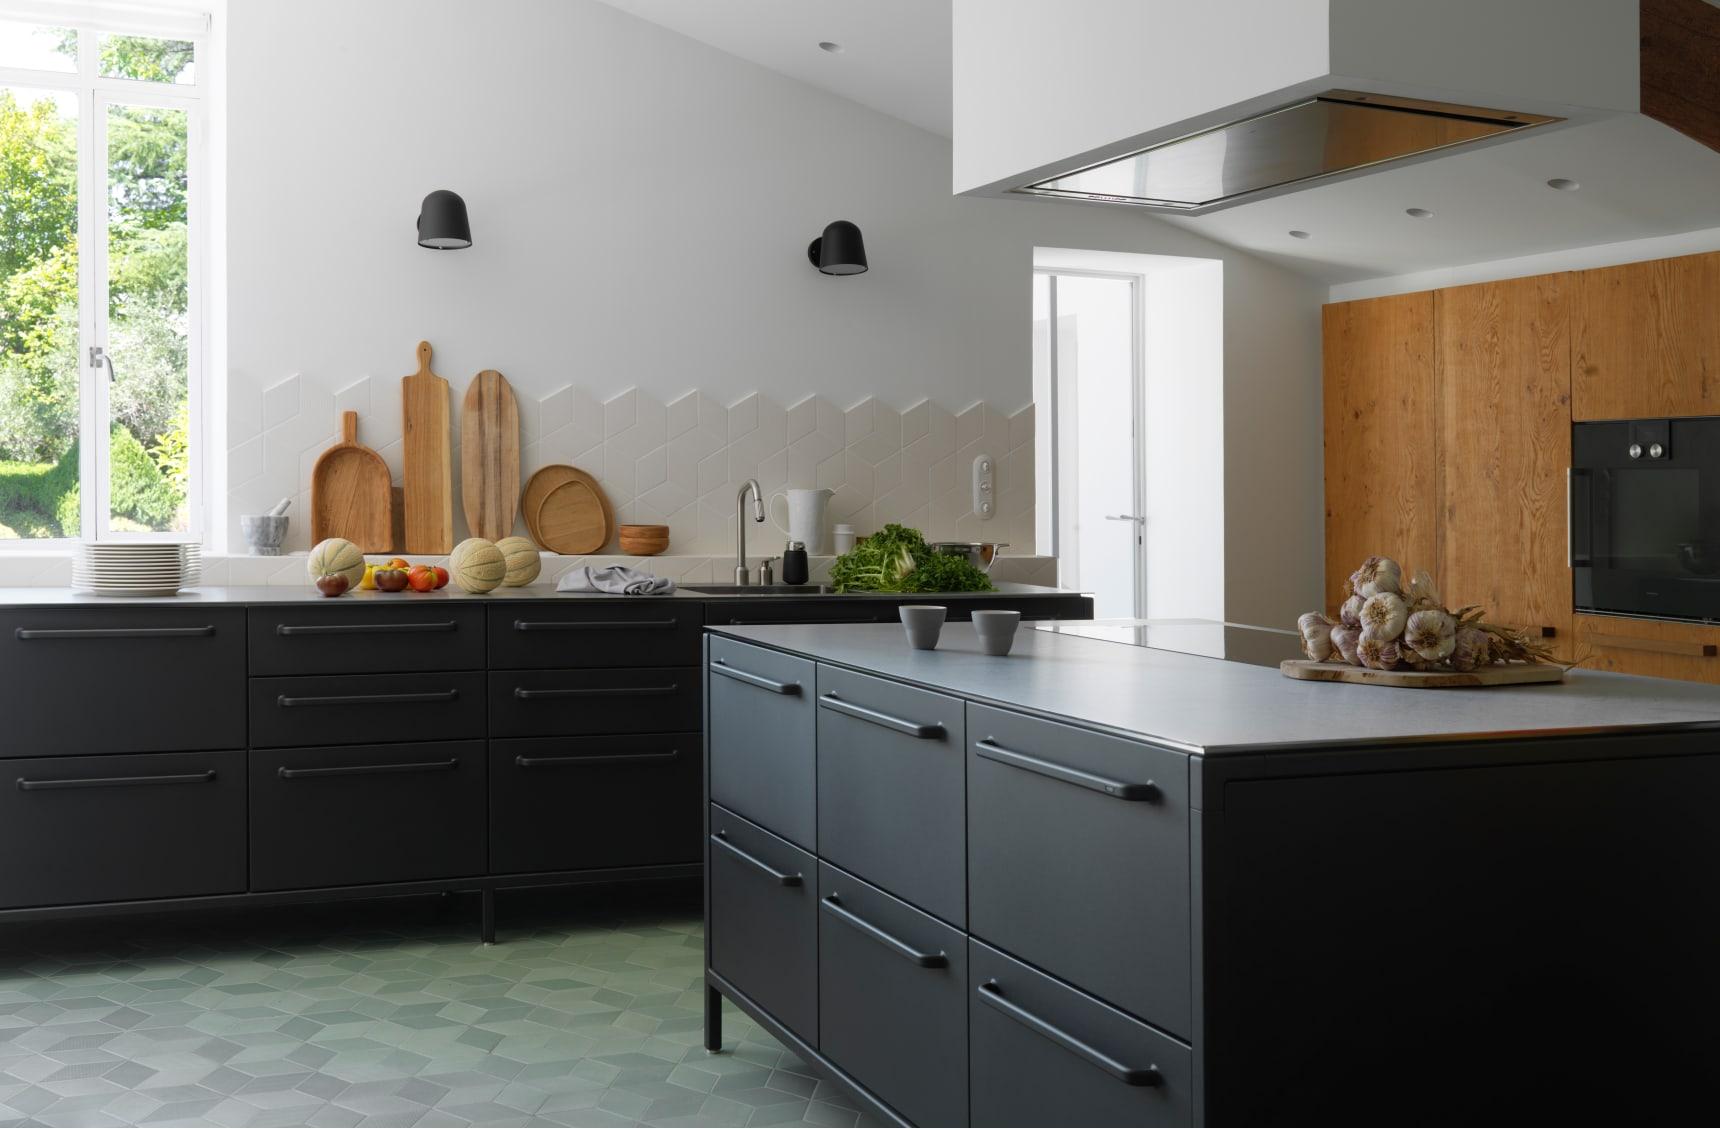 Küchen-Design Inspirationen: So könnte Deine nächste Küche aussehen 15